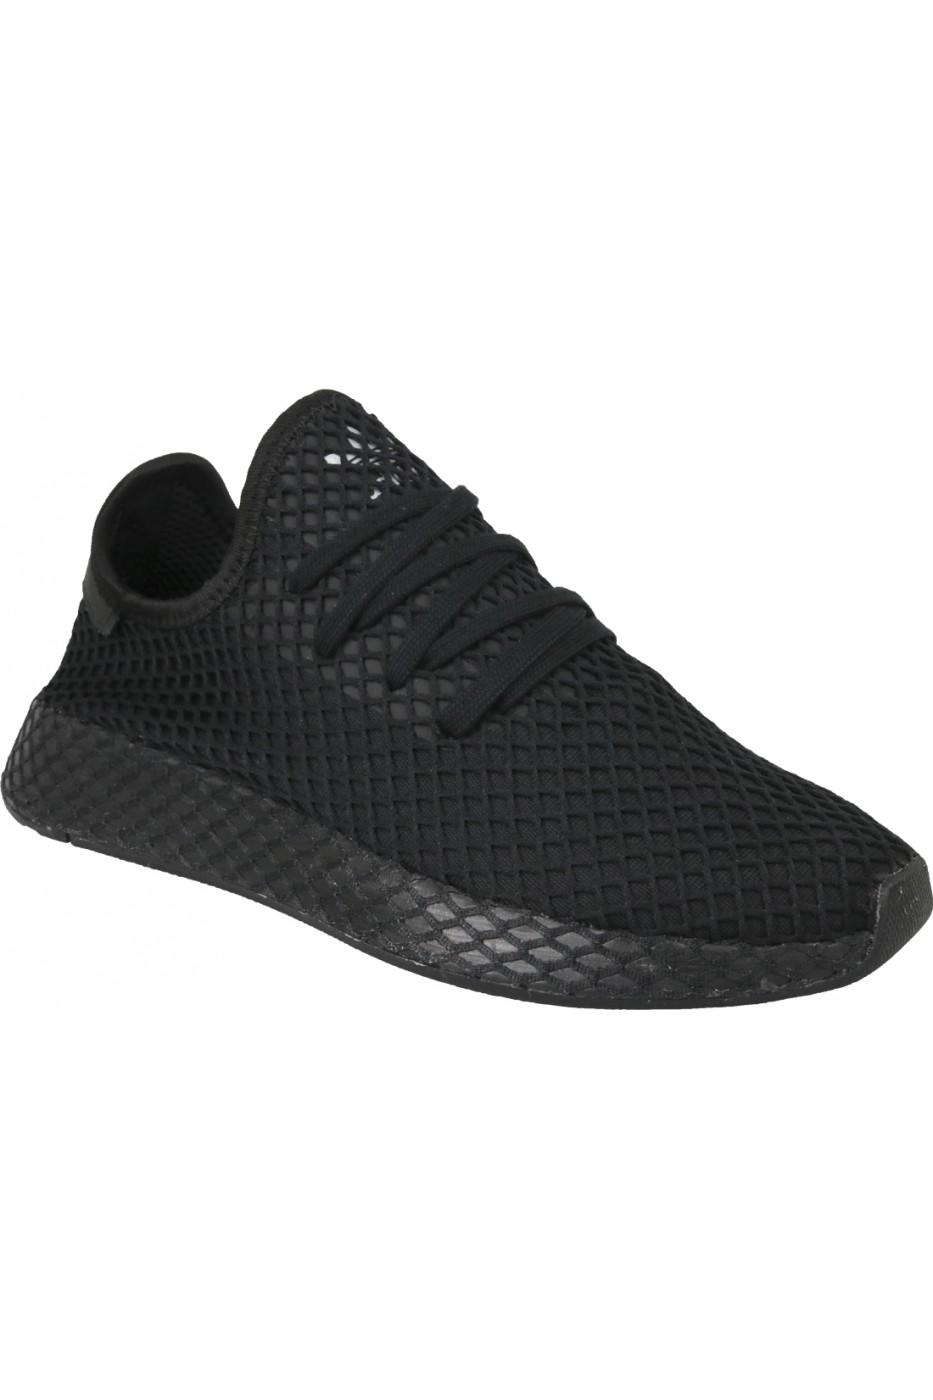 25c55d41c8 Pantofi sport pentru barbati Adidas Deerupt Runner B41768